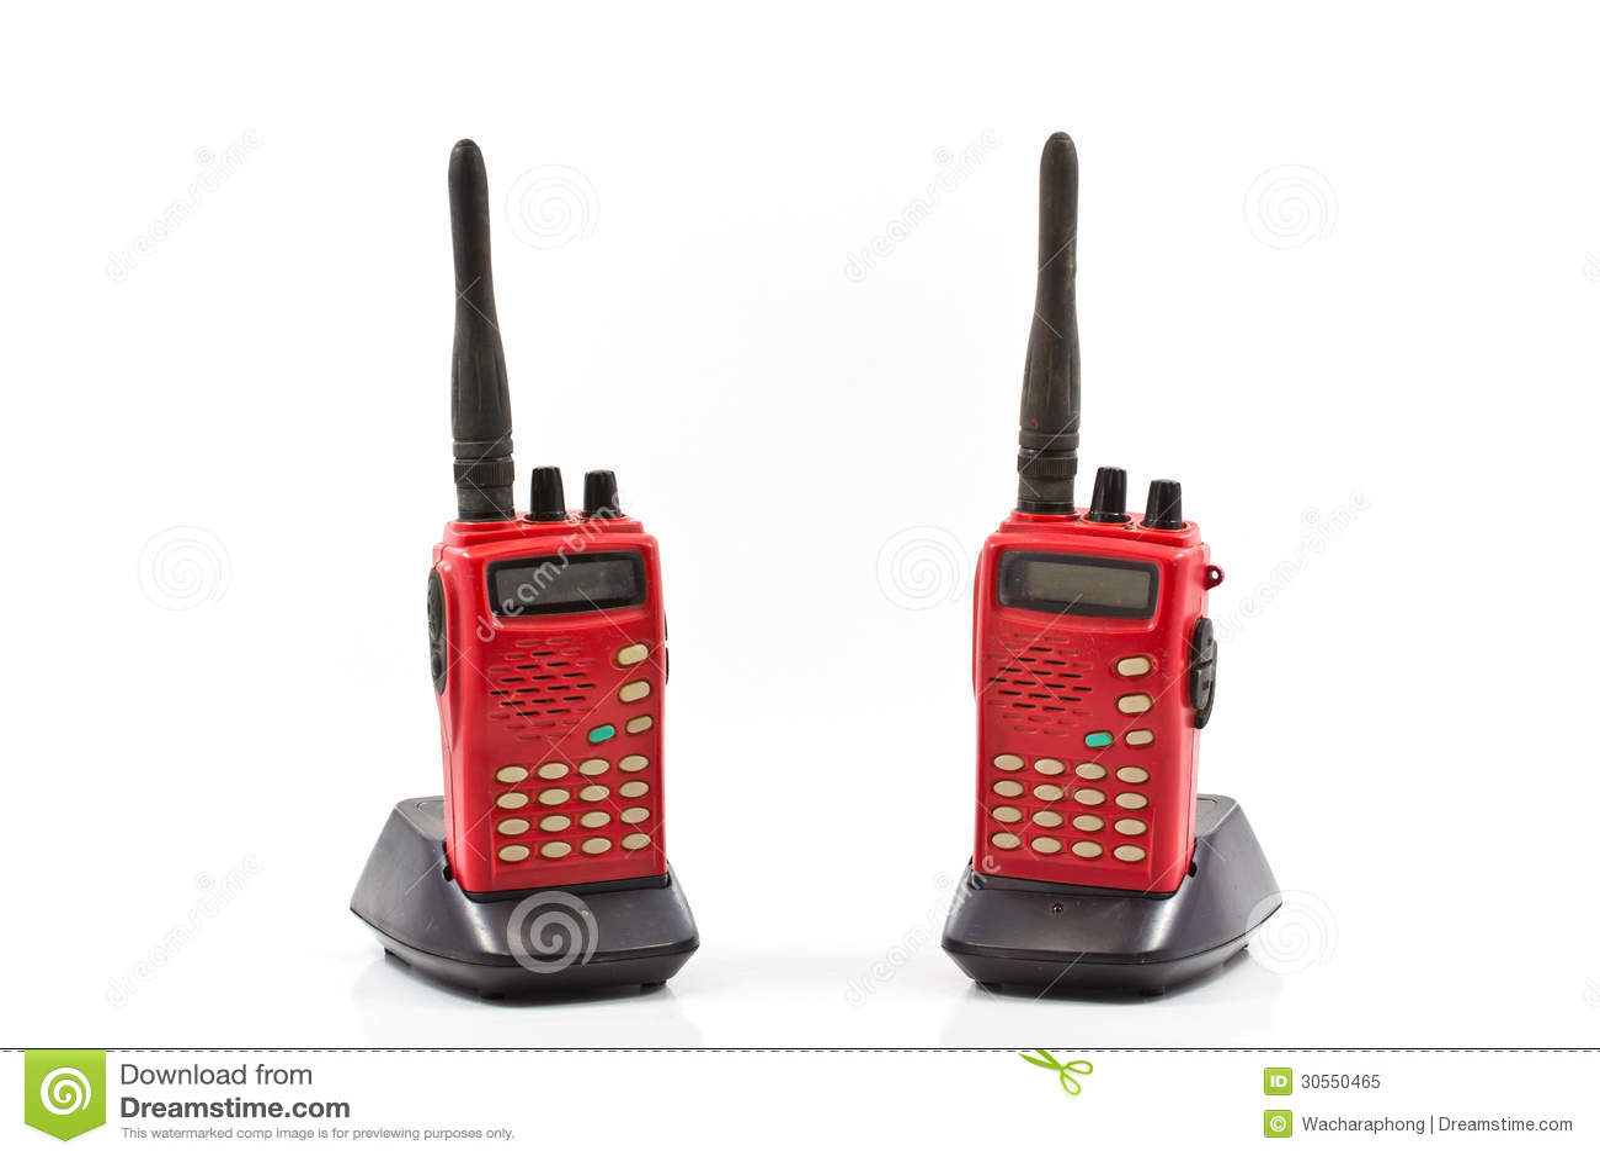 radio-communication-white-background-305